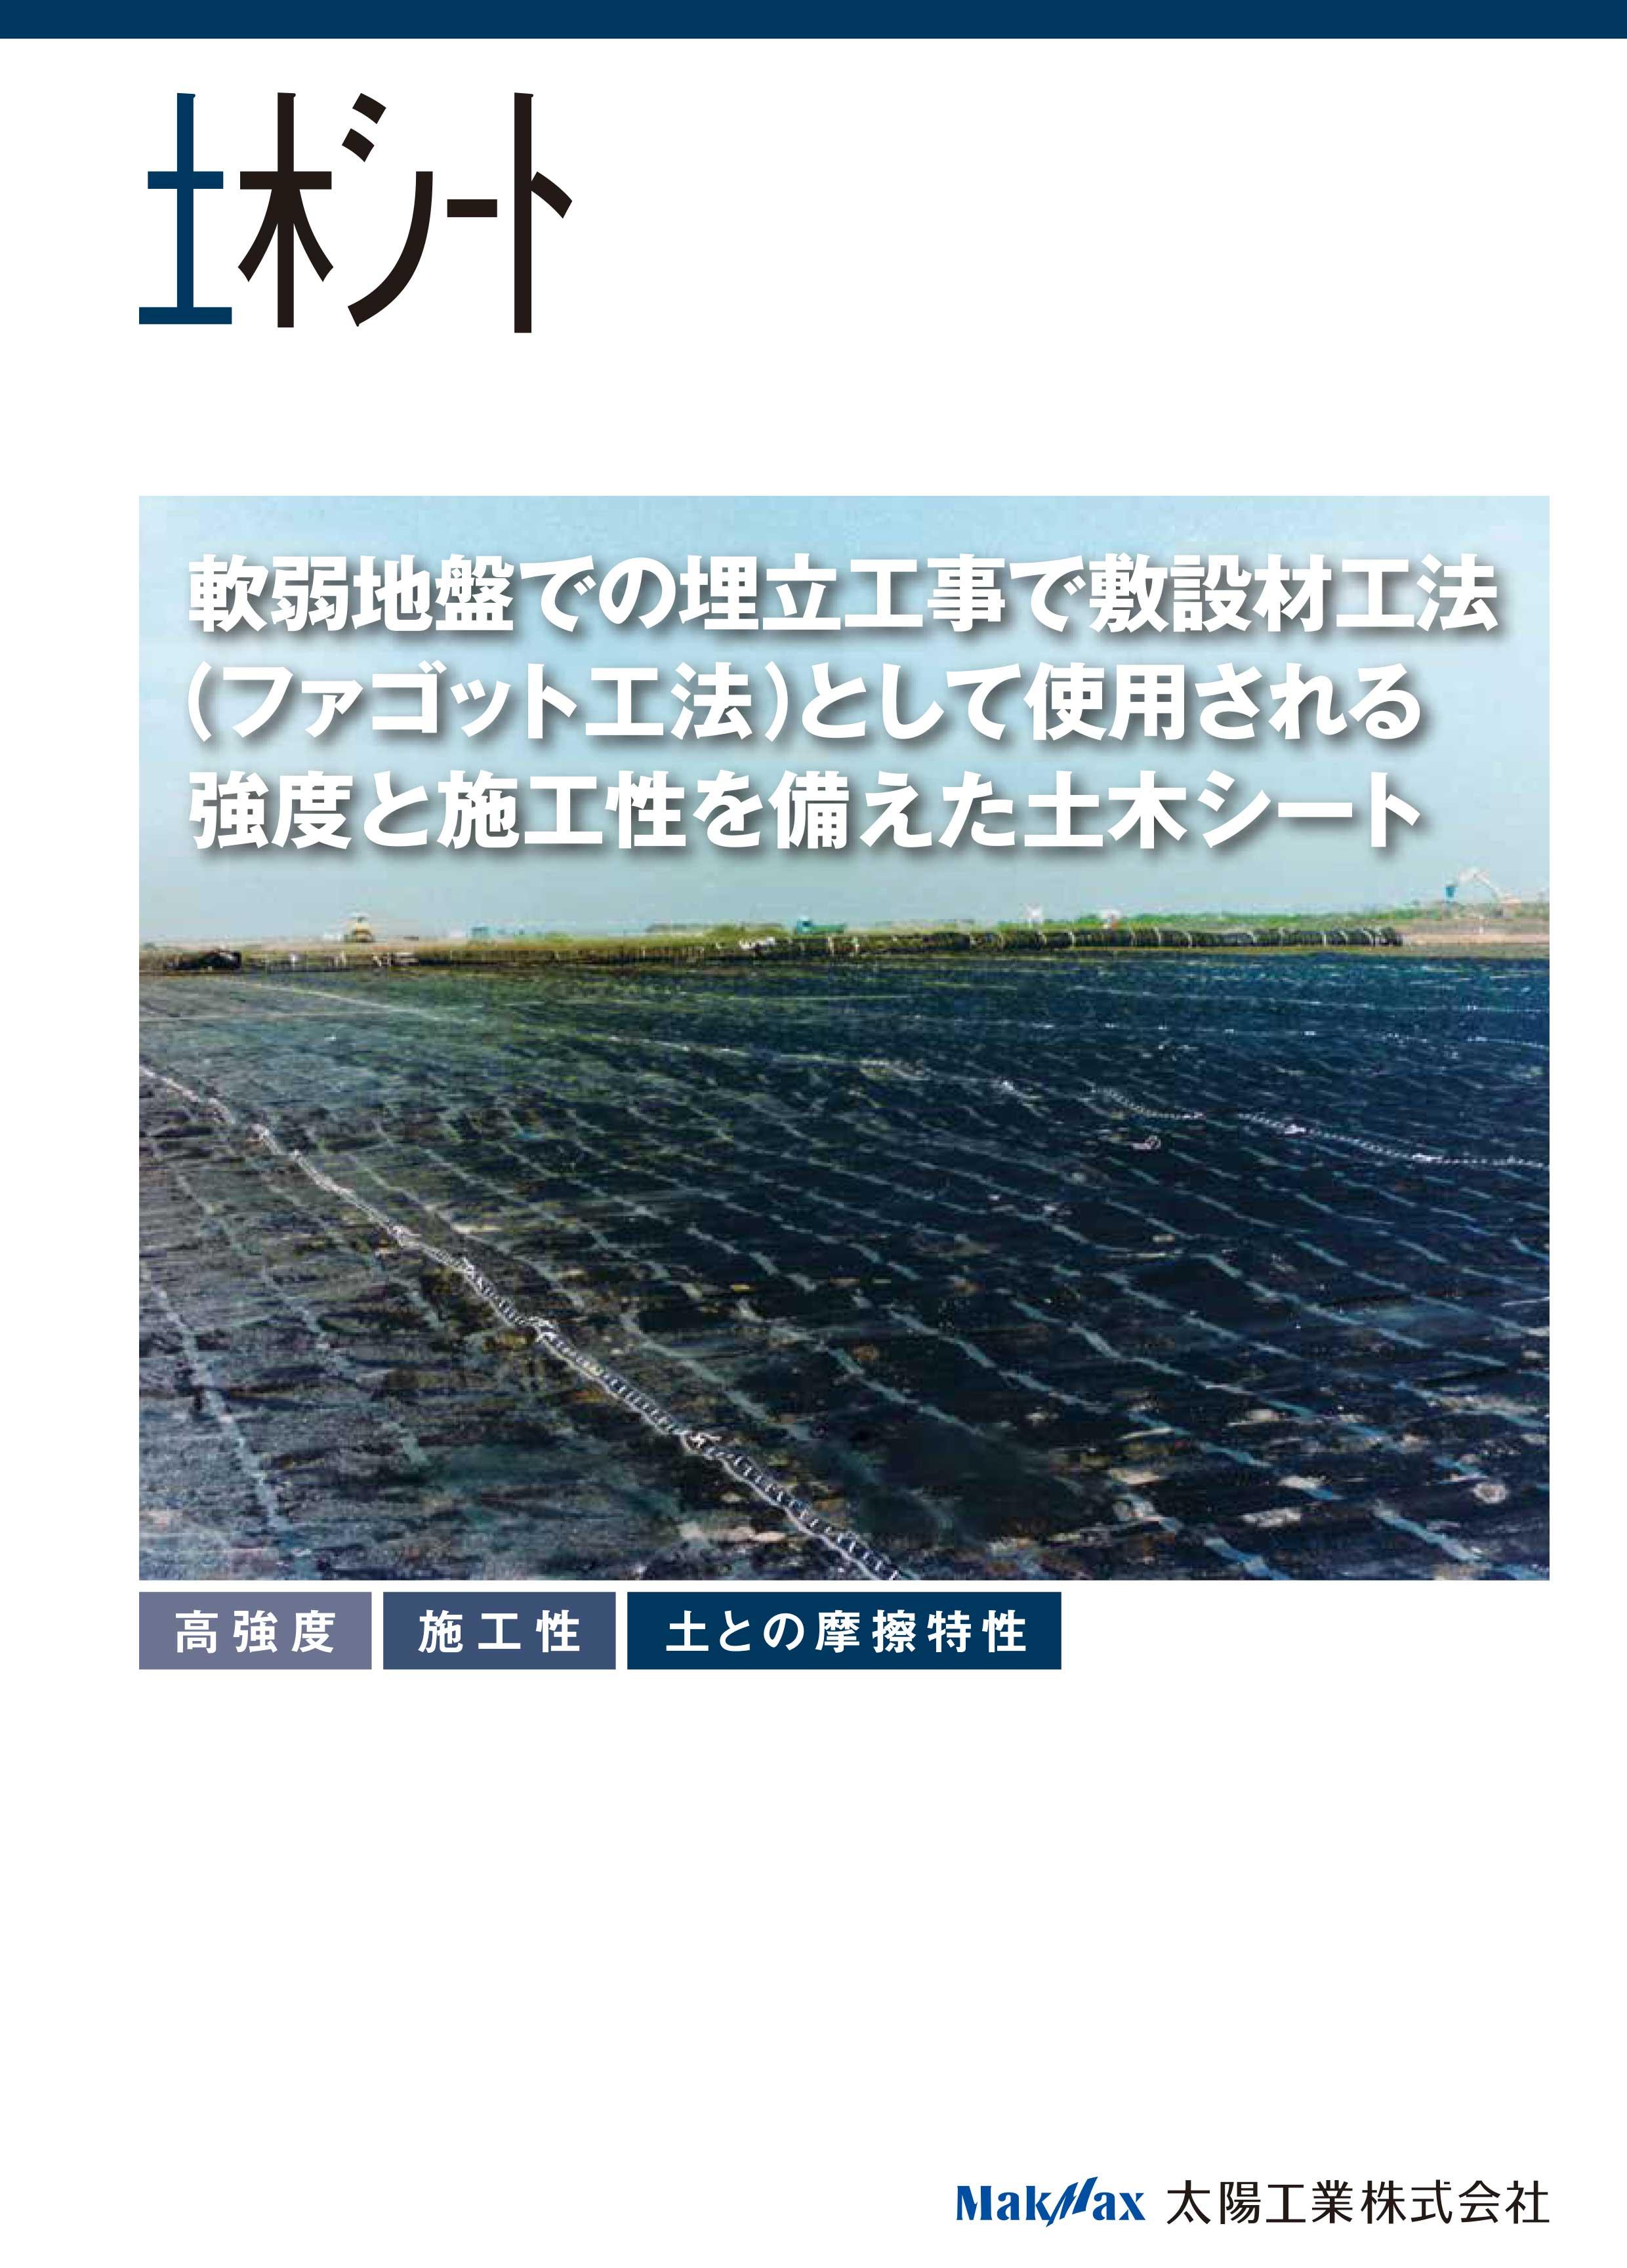 土木シート (TSG・PPDX・TSF)